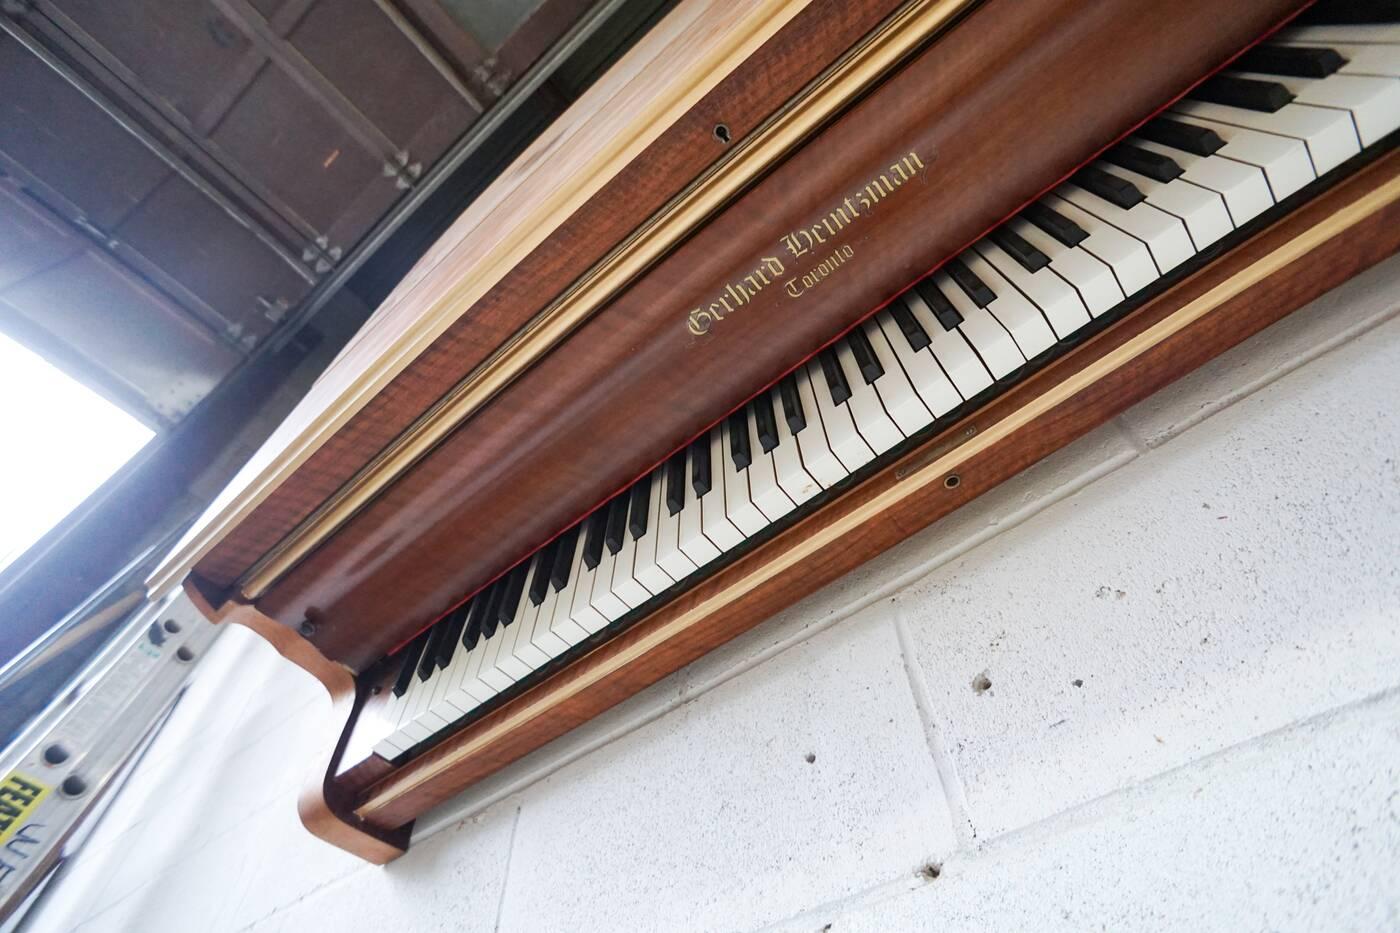 Heintzman piano